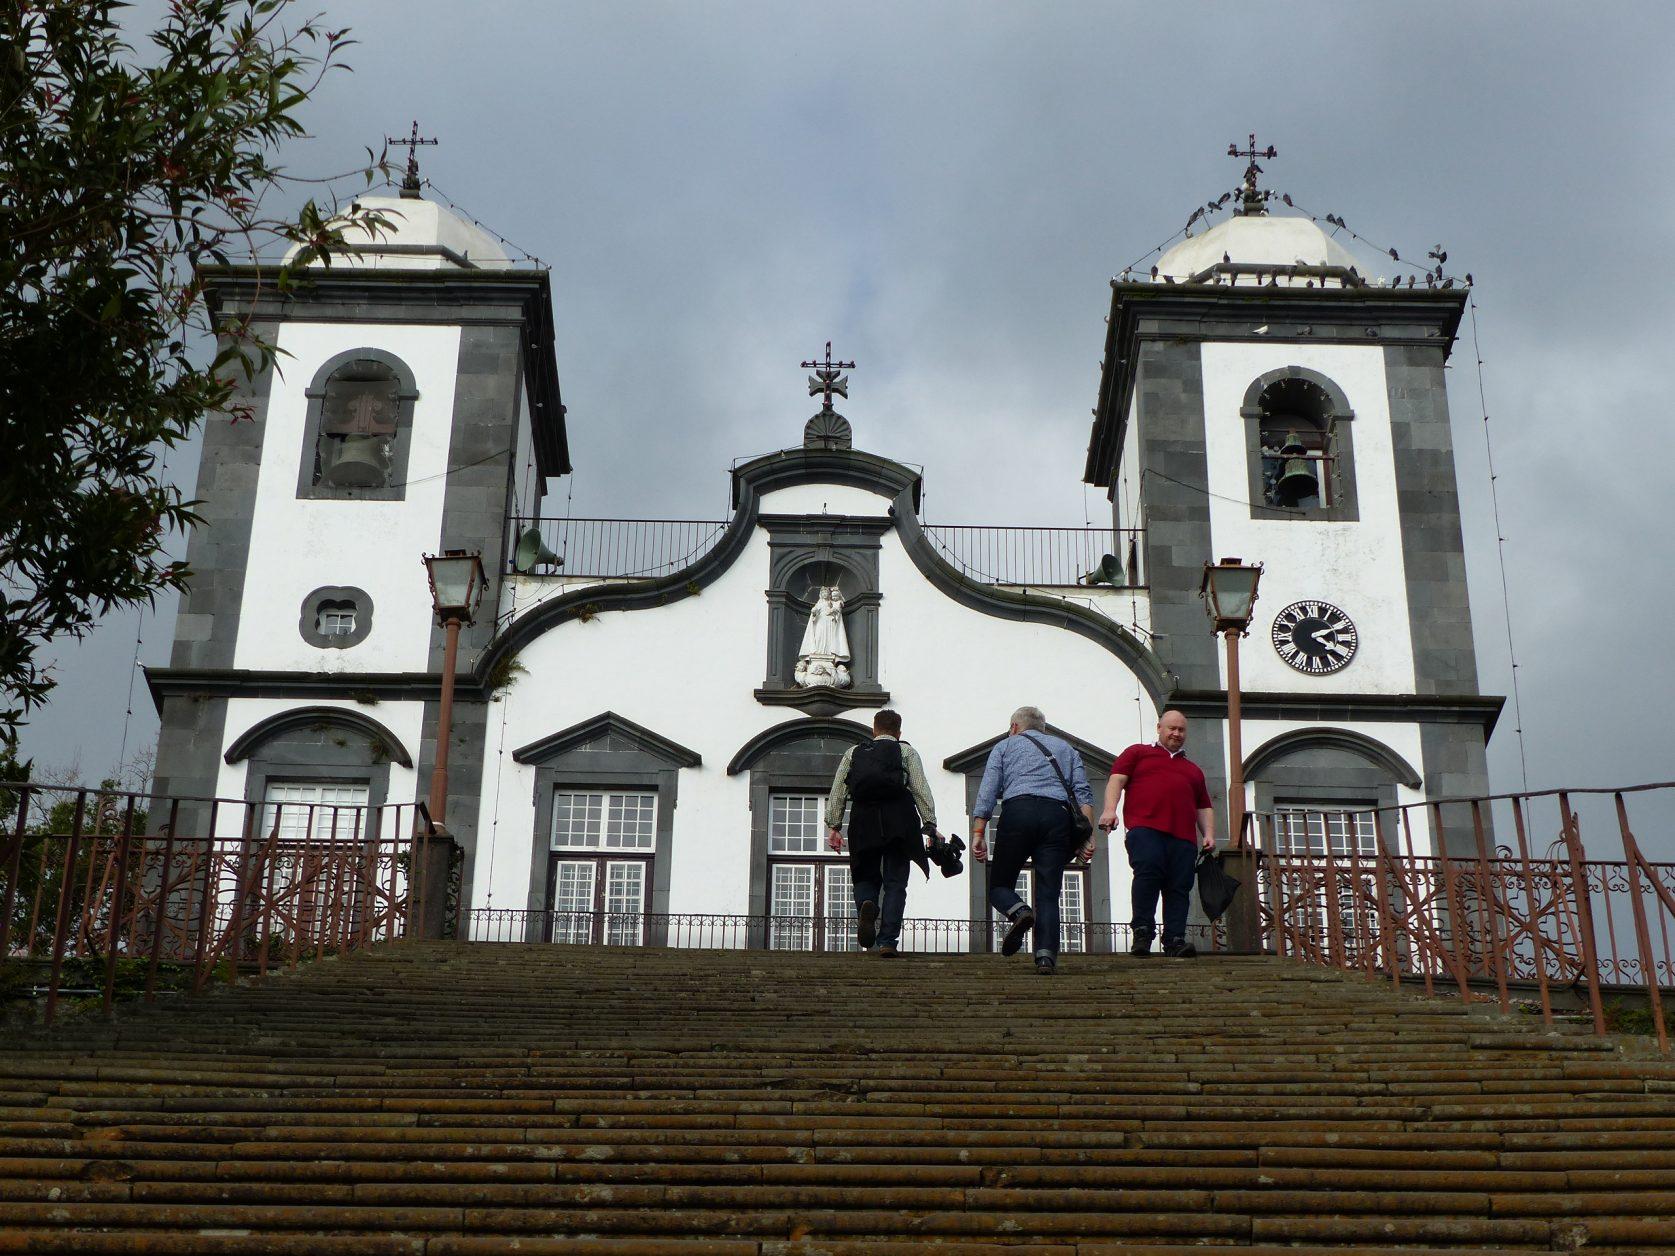 Kirche von Monte, dort wurde der letzte österreichische Kaisers Karl I., der 1922 auf Madeira verstarb, beigesetzt. Foto: D. Weirauch